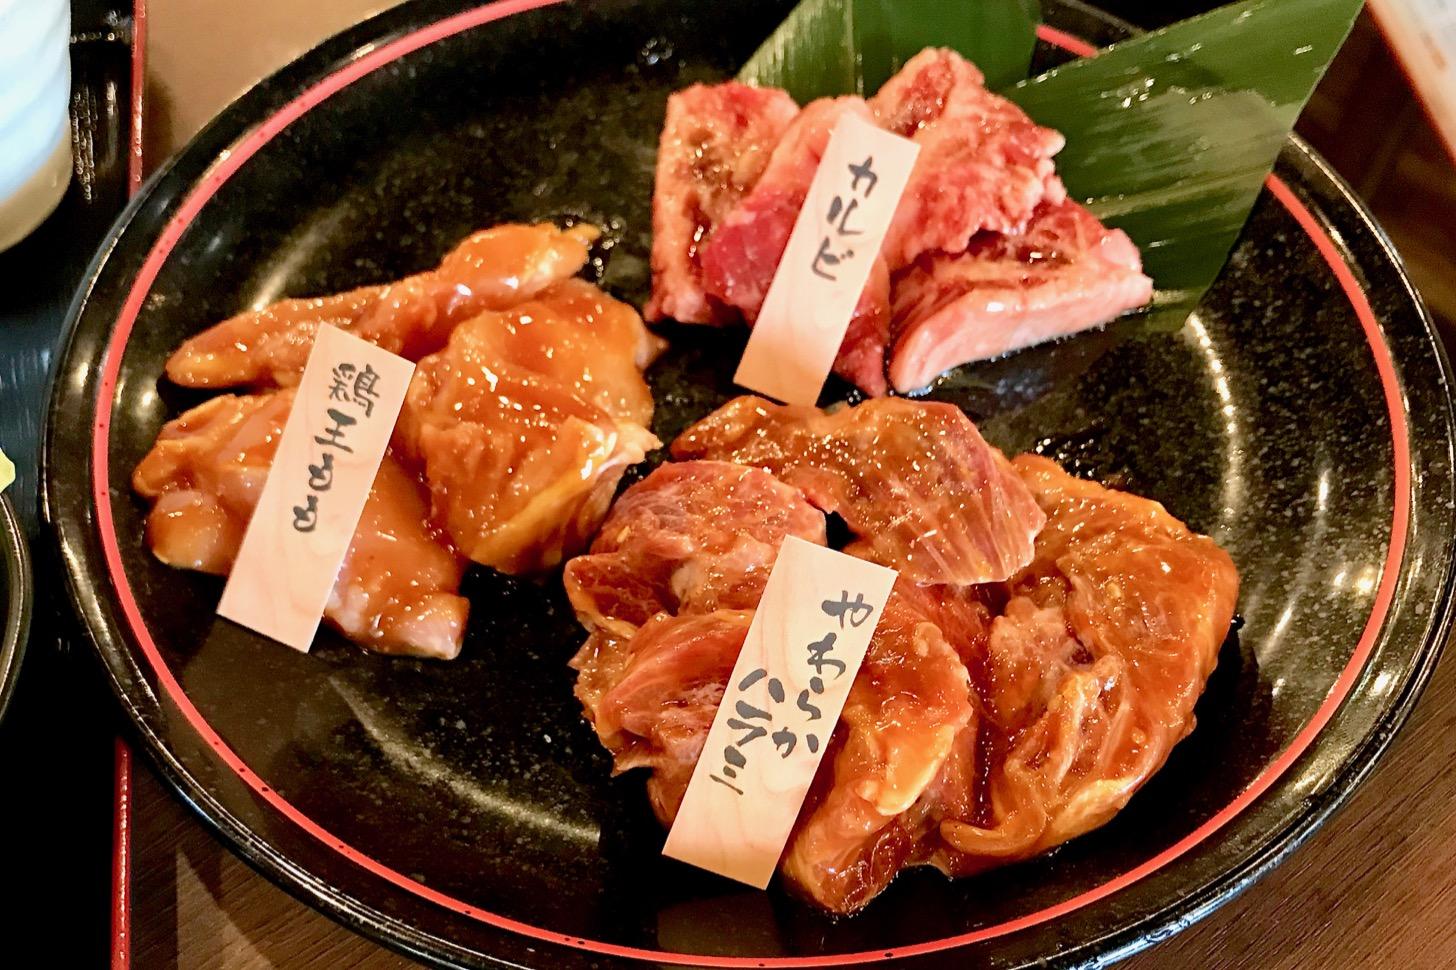 焼肉五苑 多摩センター店の大人気肉食系定食